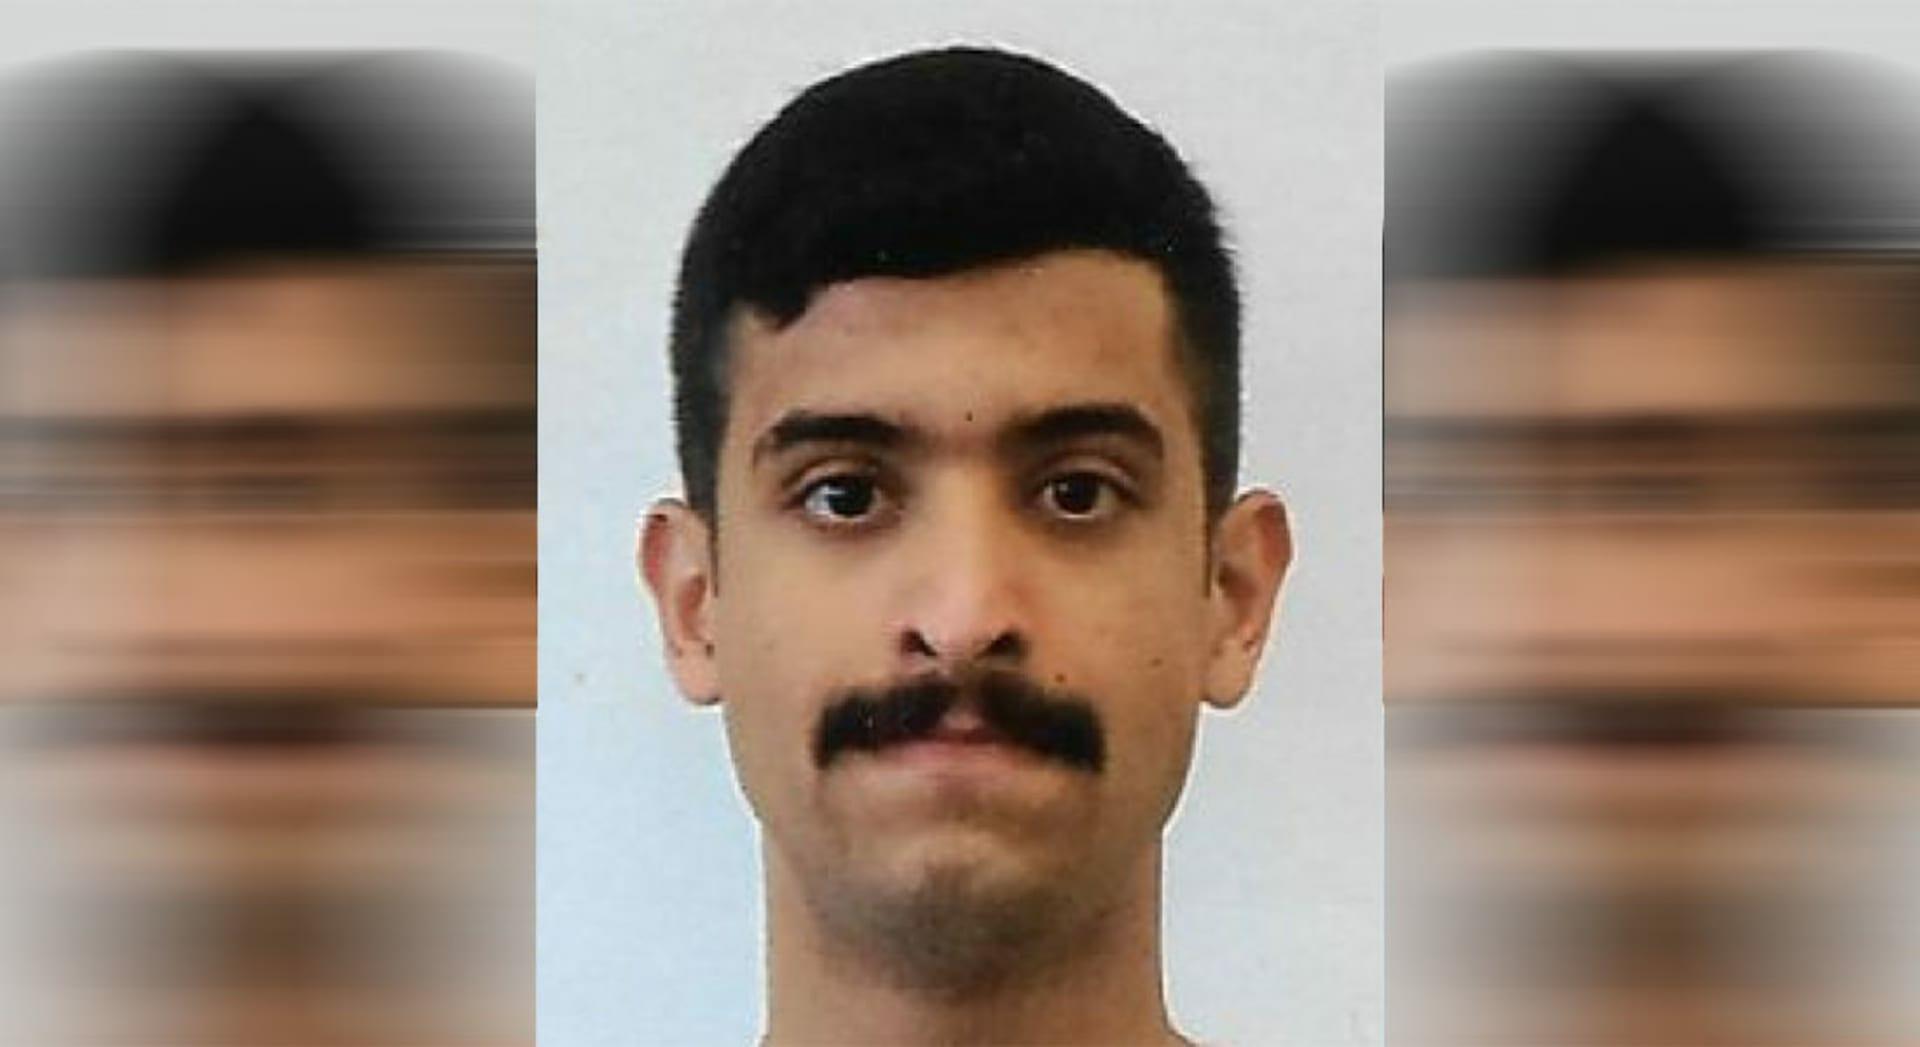 عائلات ضحايا قتلهم الملازم محمد الشمراني يرفعون دعوى قضائية